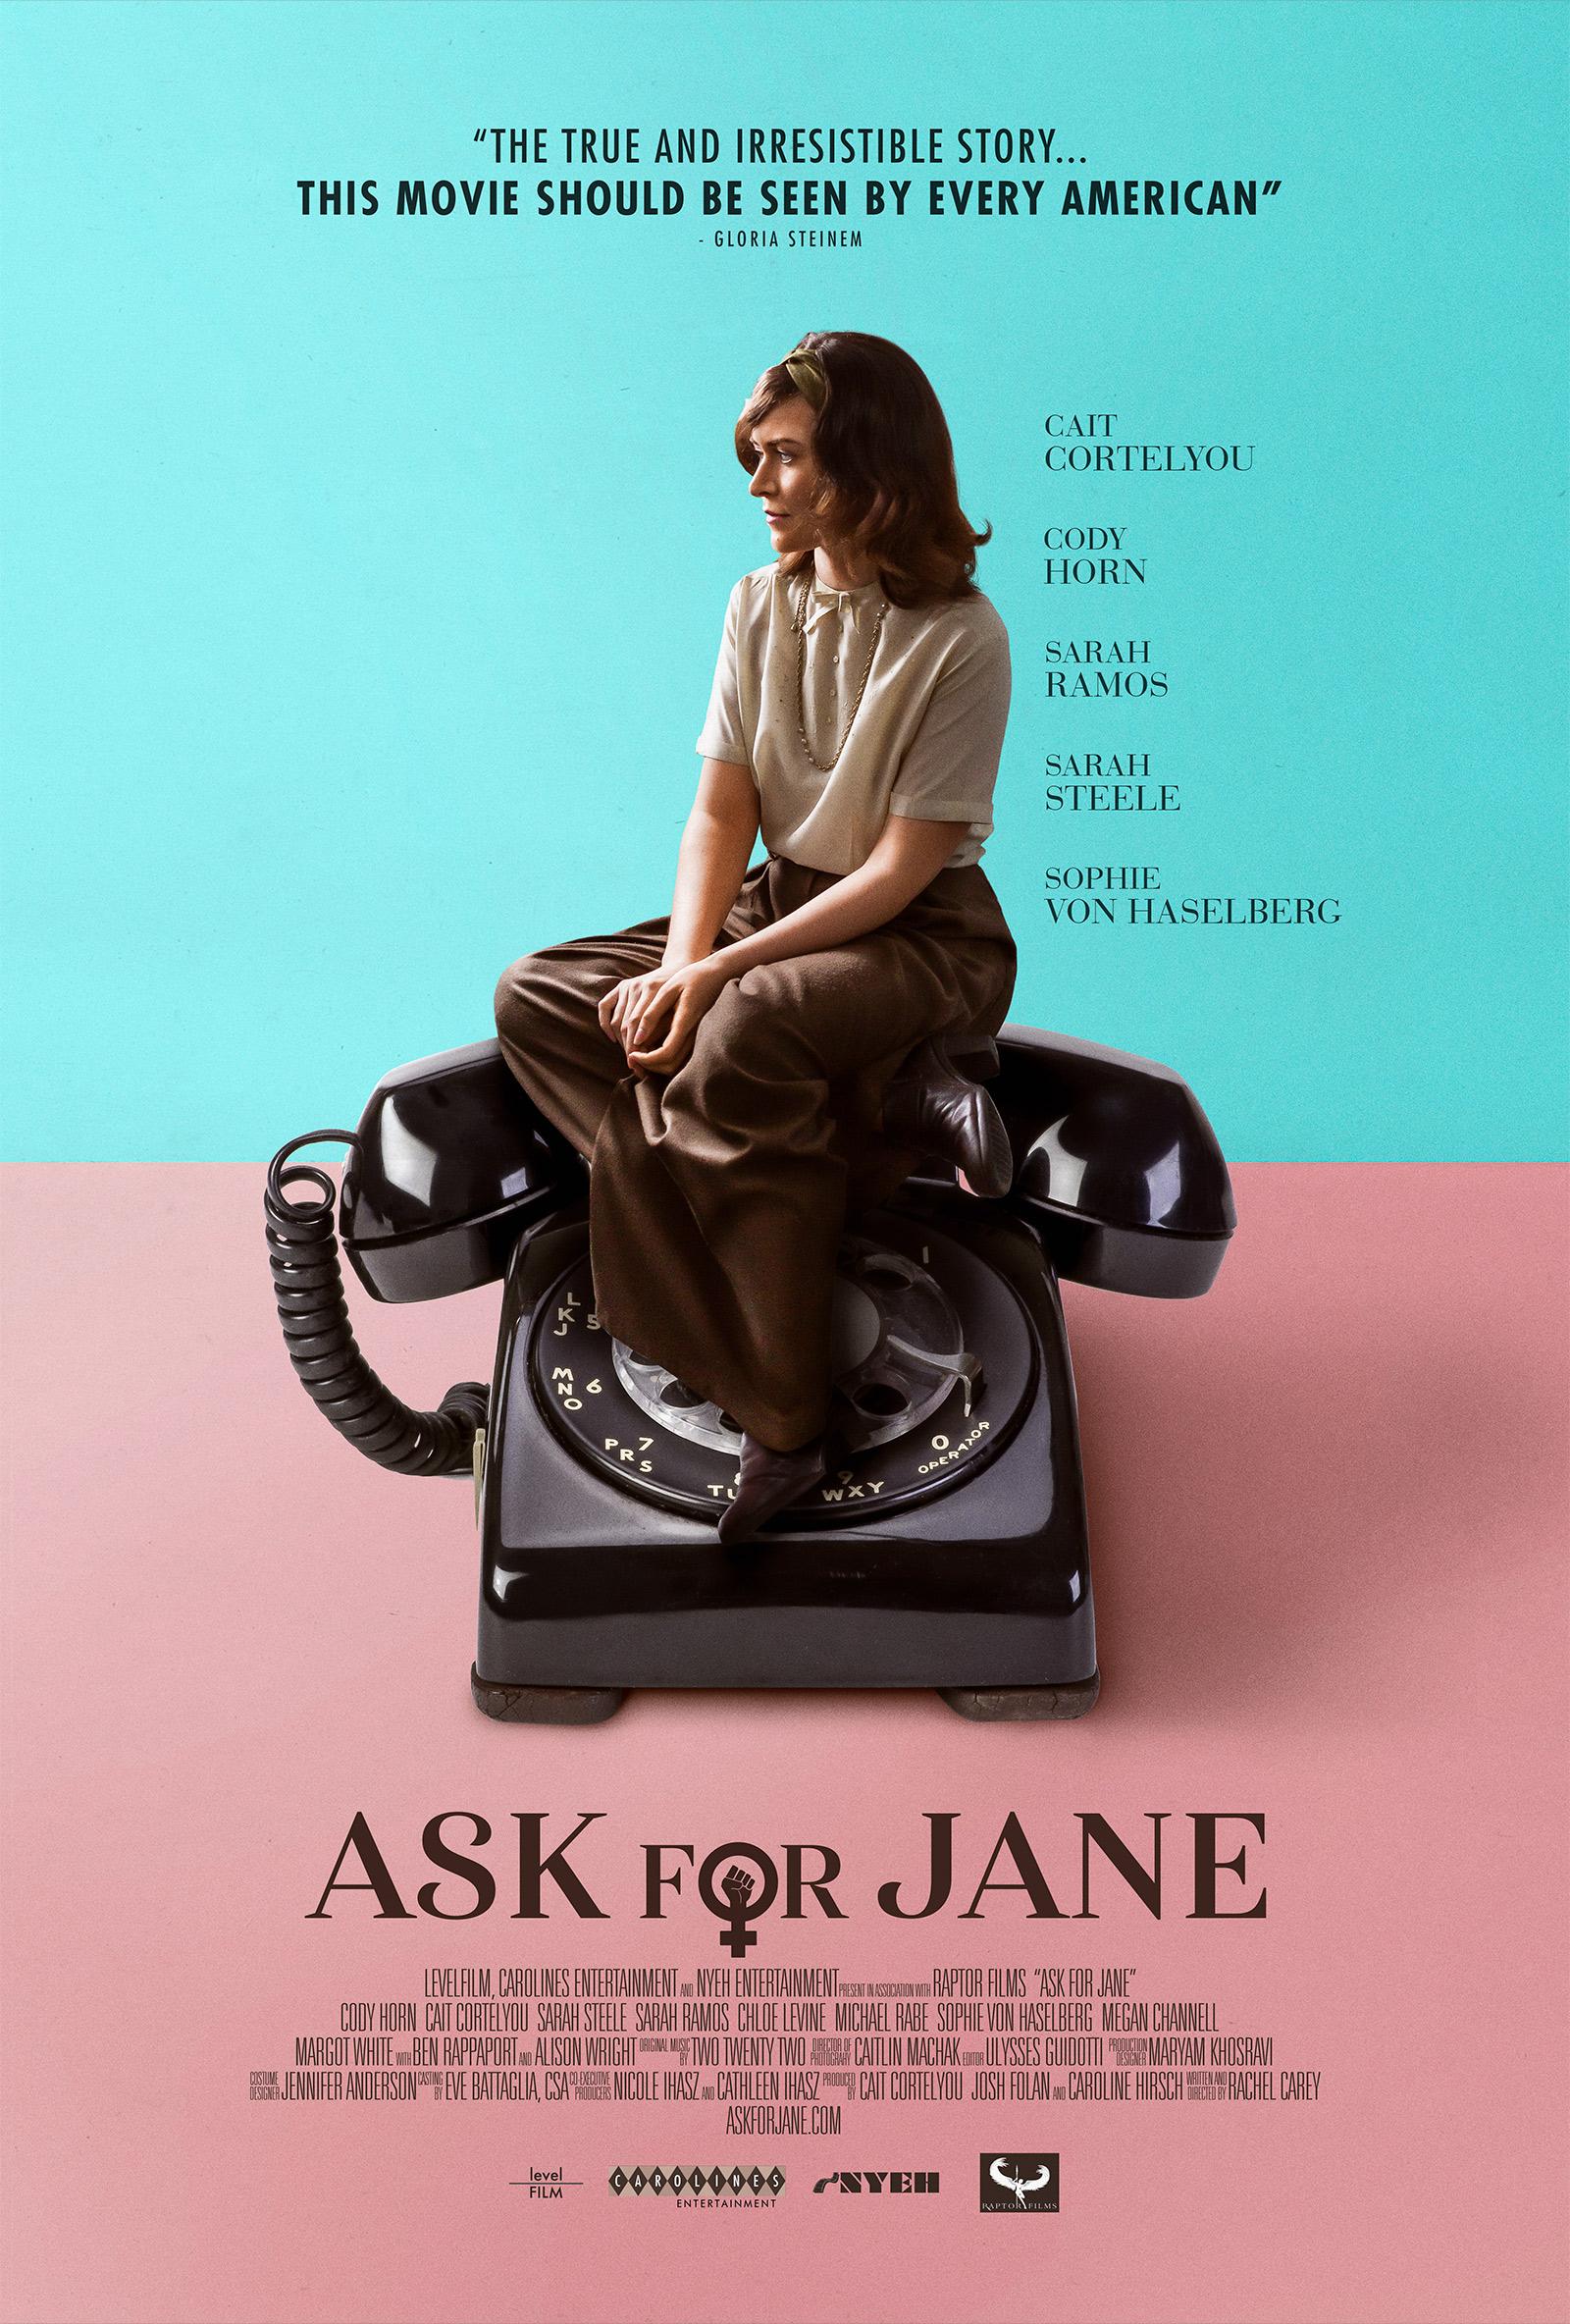 AskForJane_1Sht.jpg